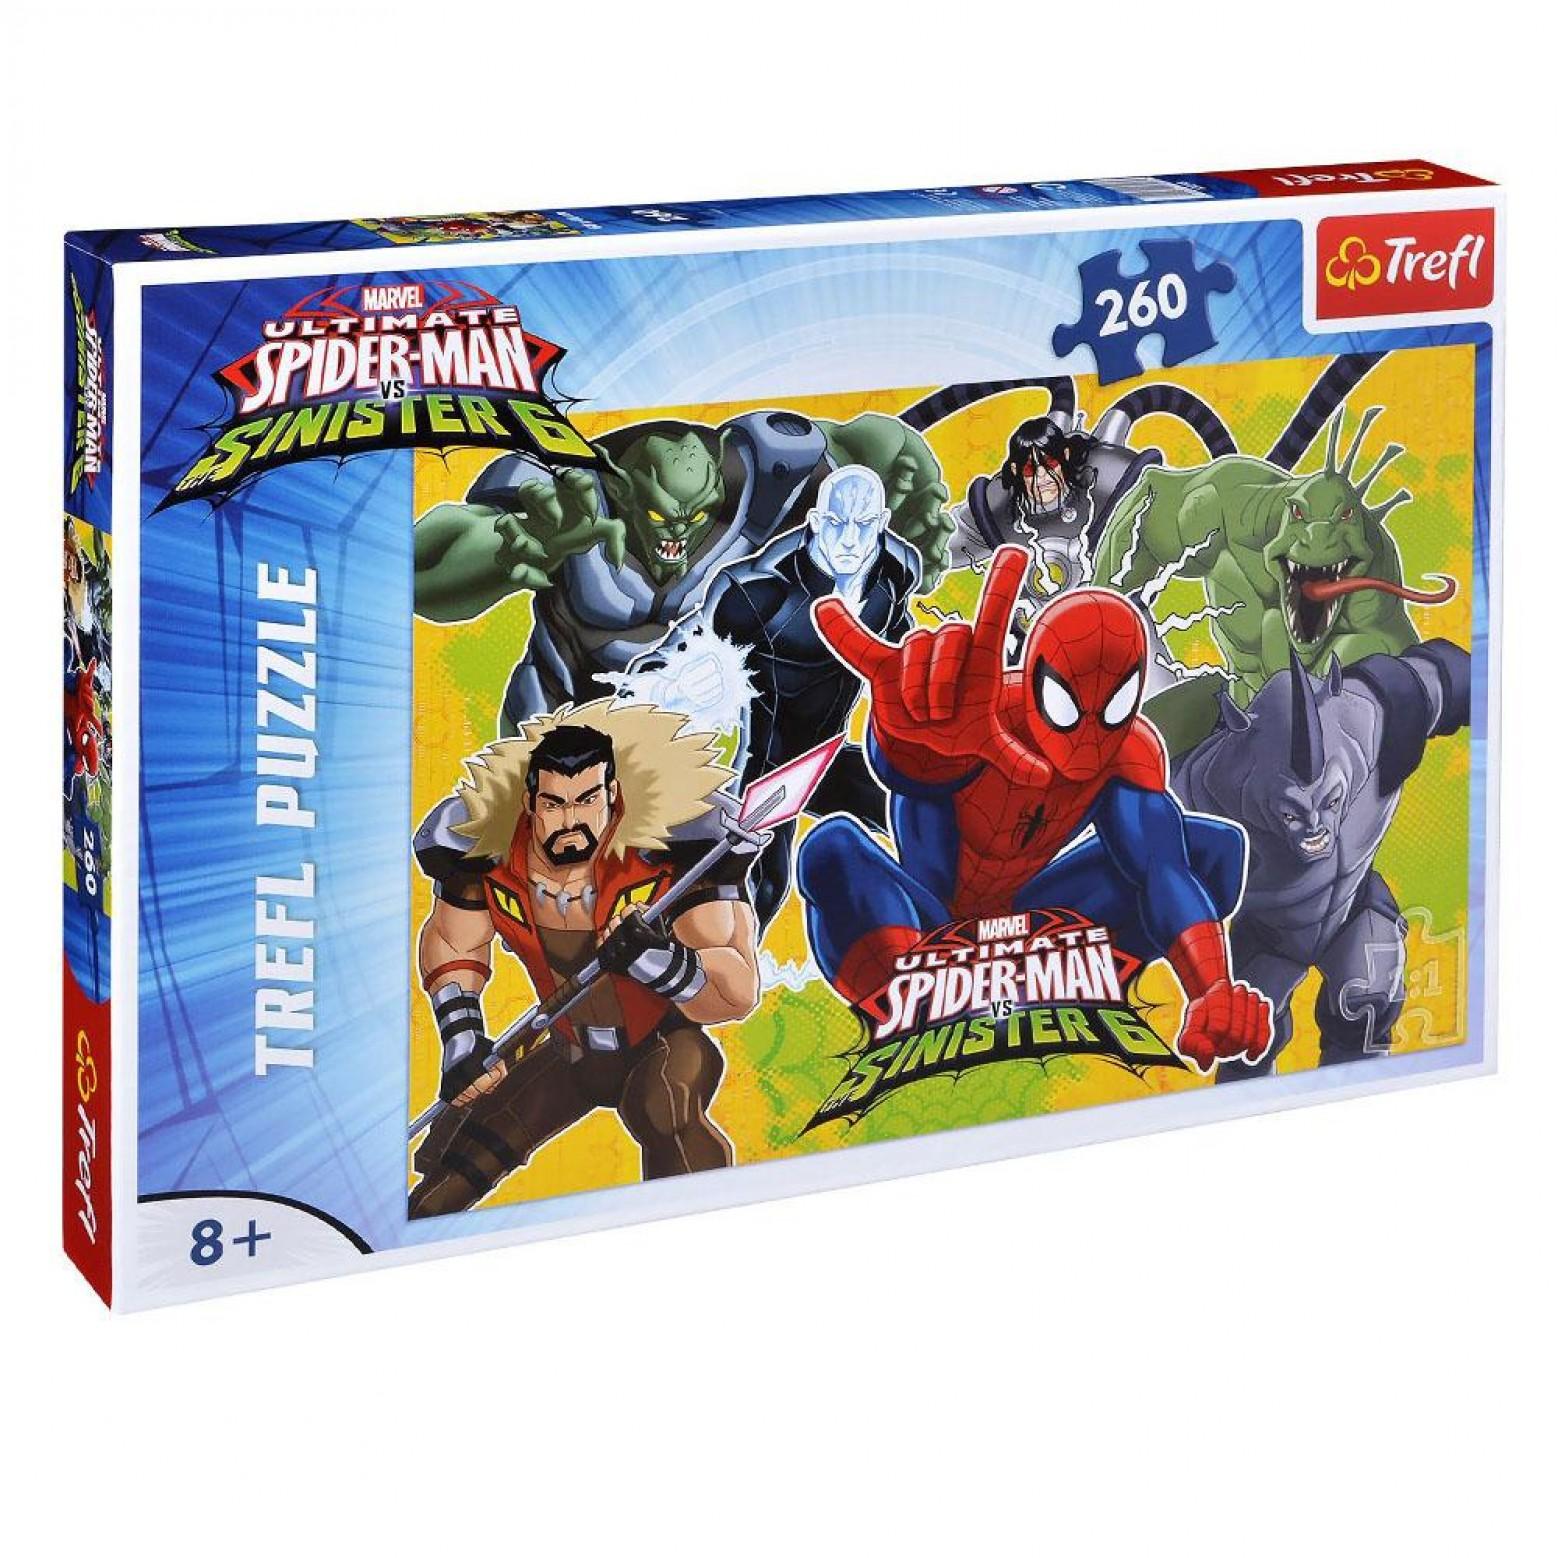 Spider-man puzzel 260 stukjes 8+